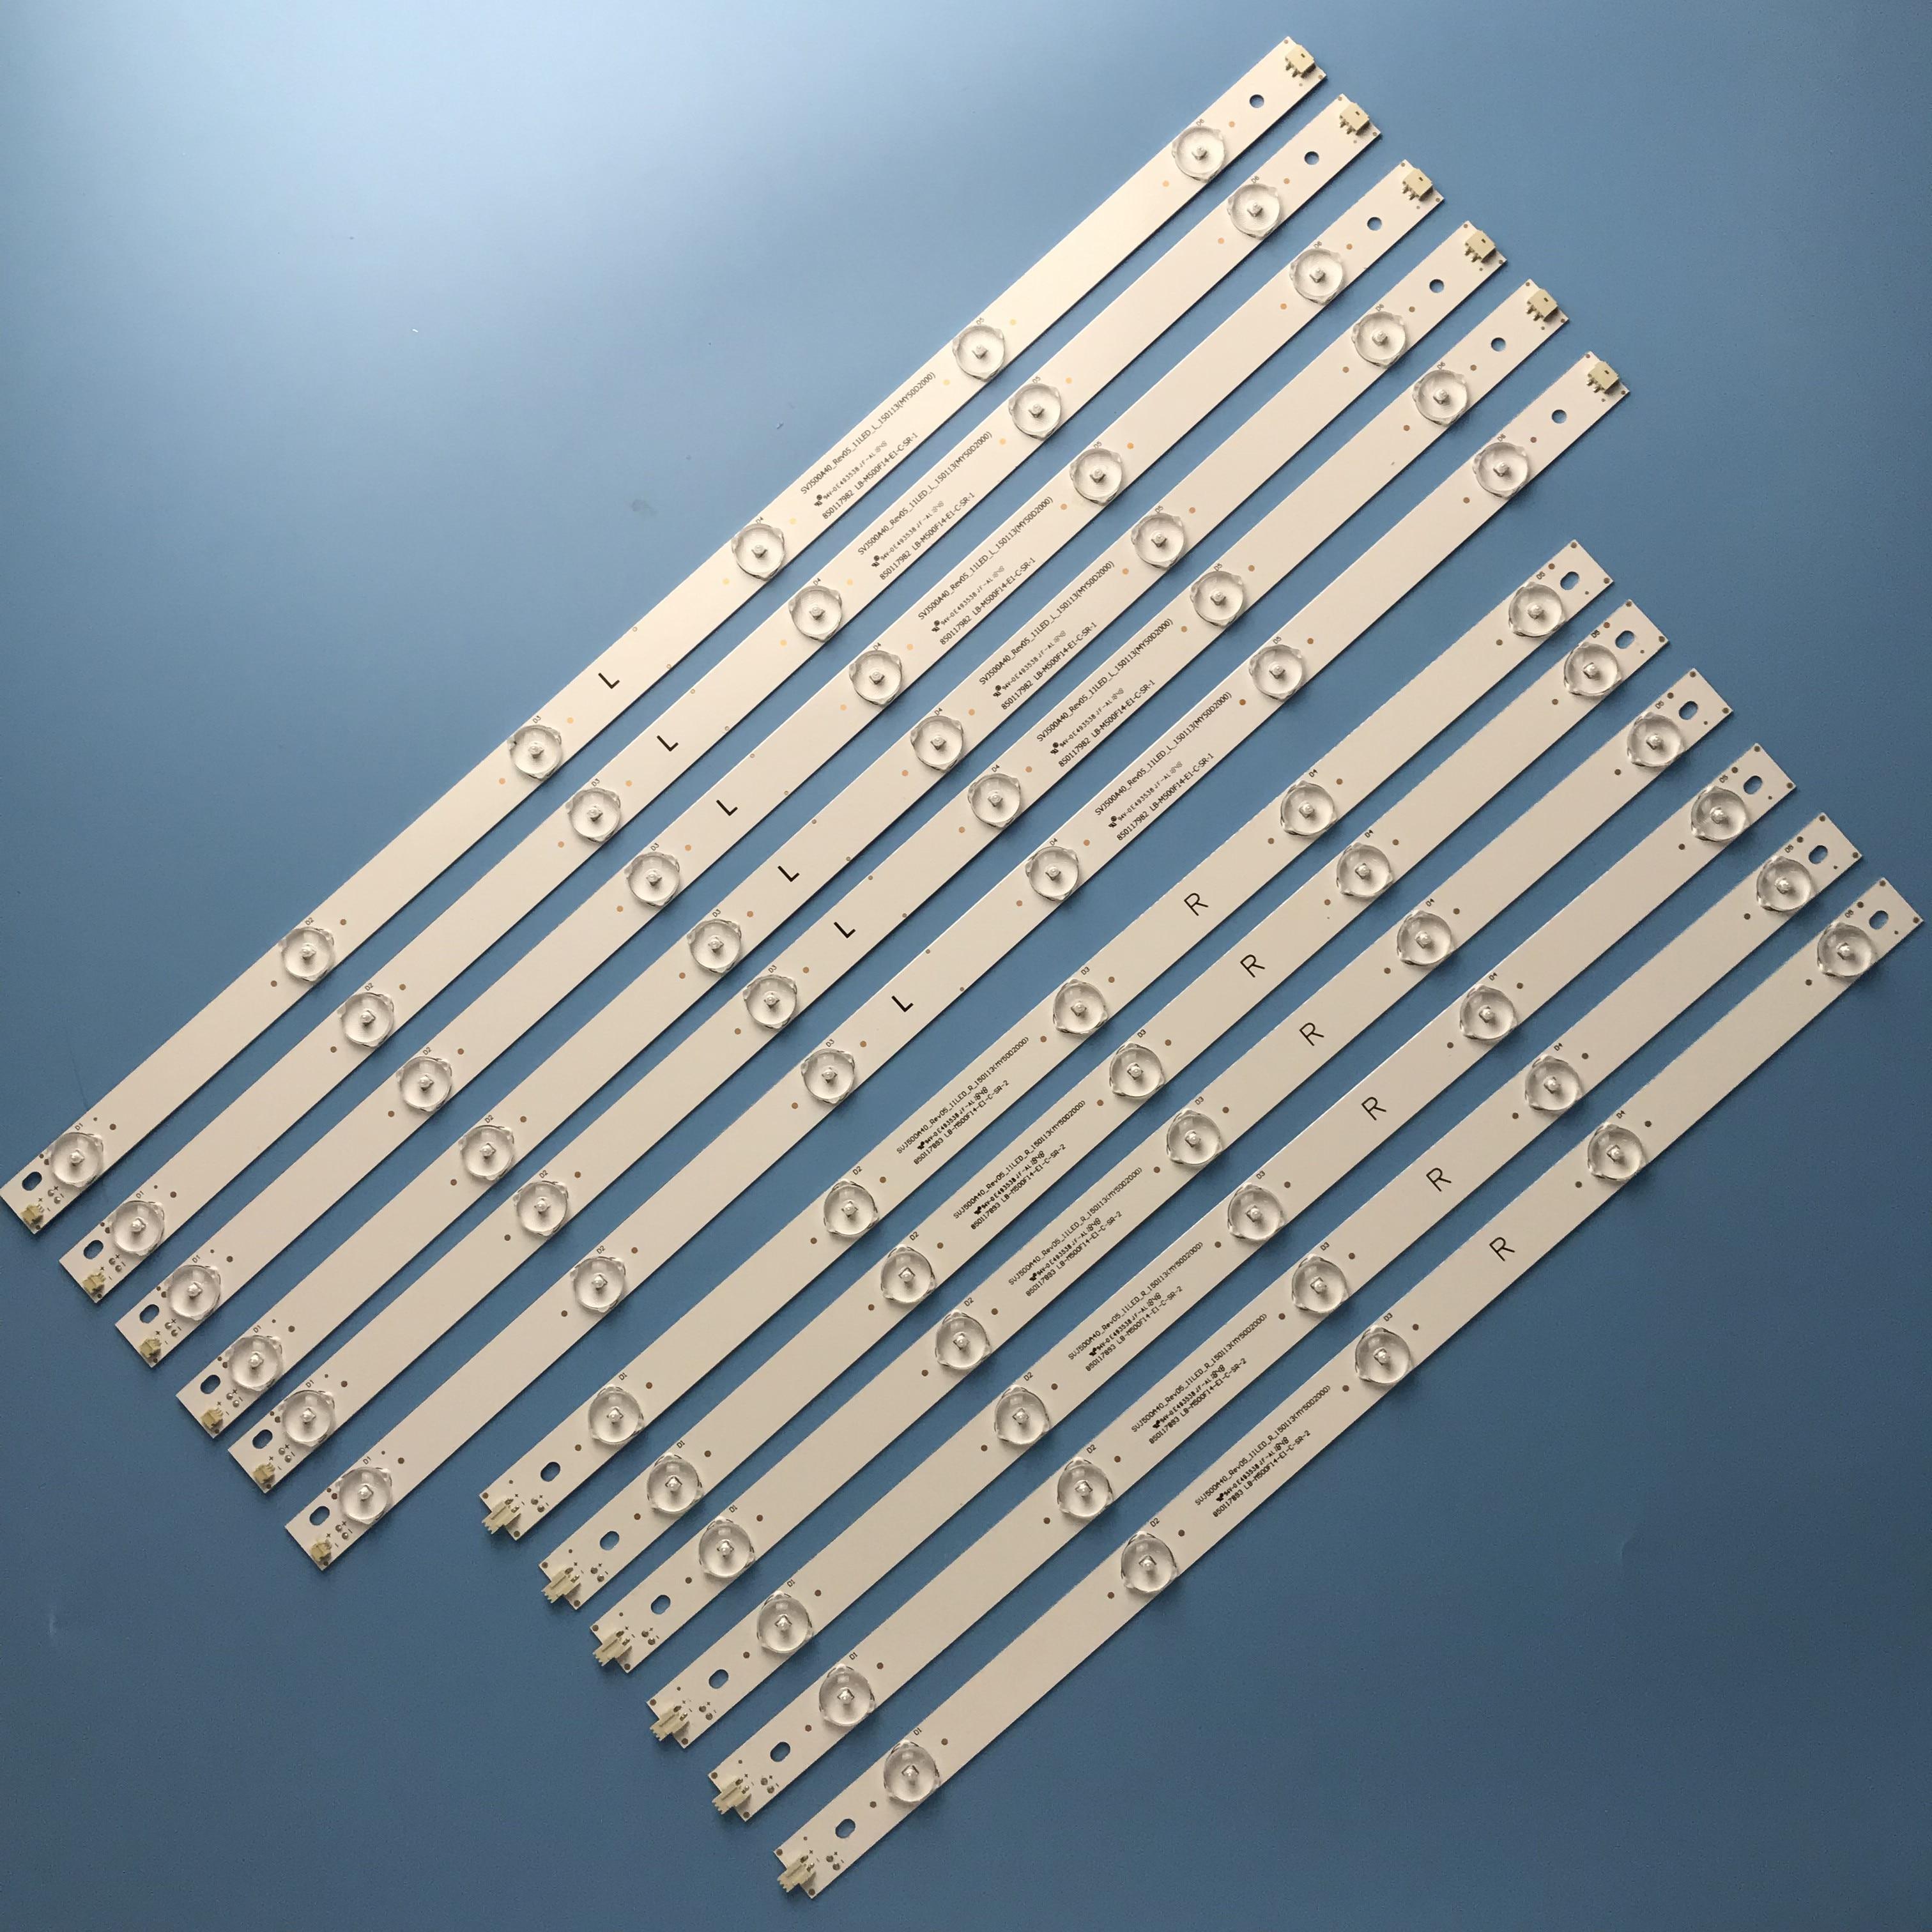 LED Backlight Strip 11 Lamp For SVJ500A40 50D2000I LB-M500F14-E1-C-SR-1 2 M500F14-E1-A